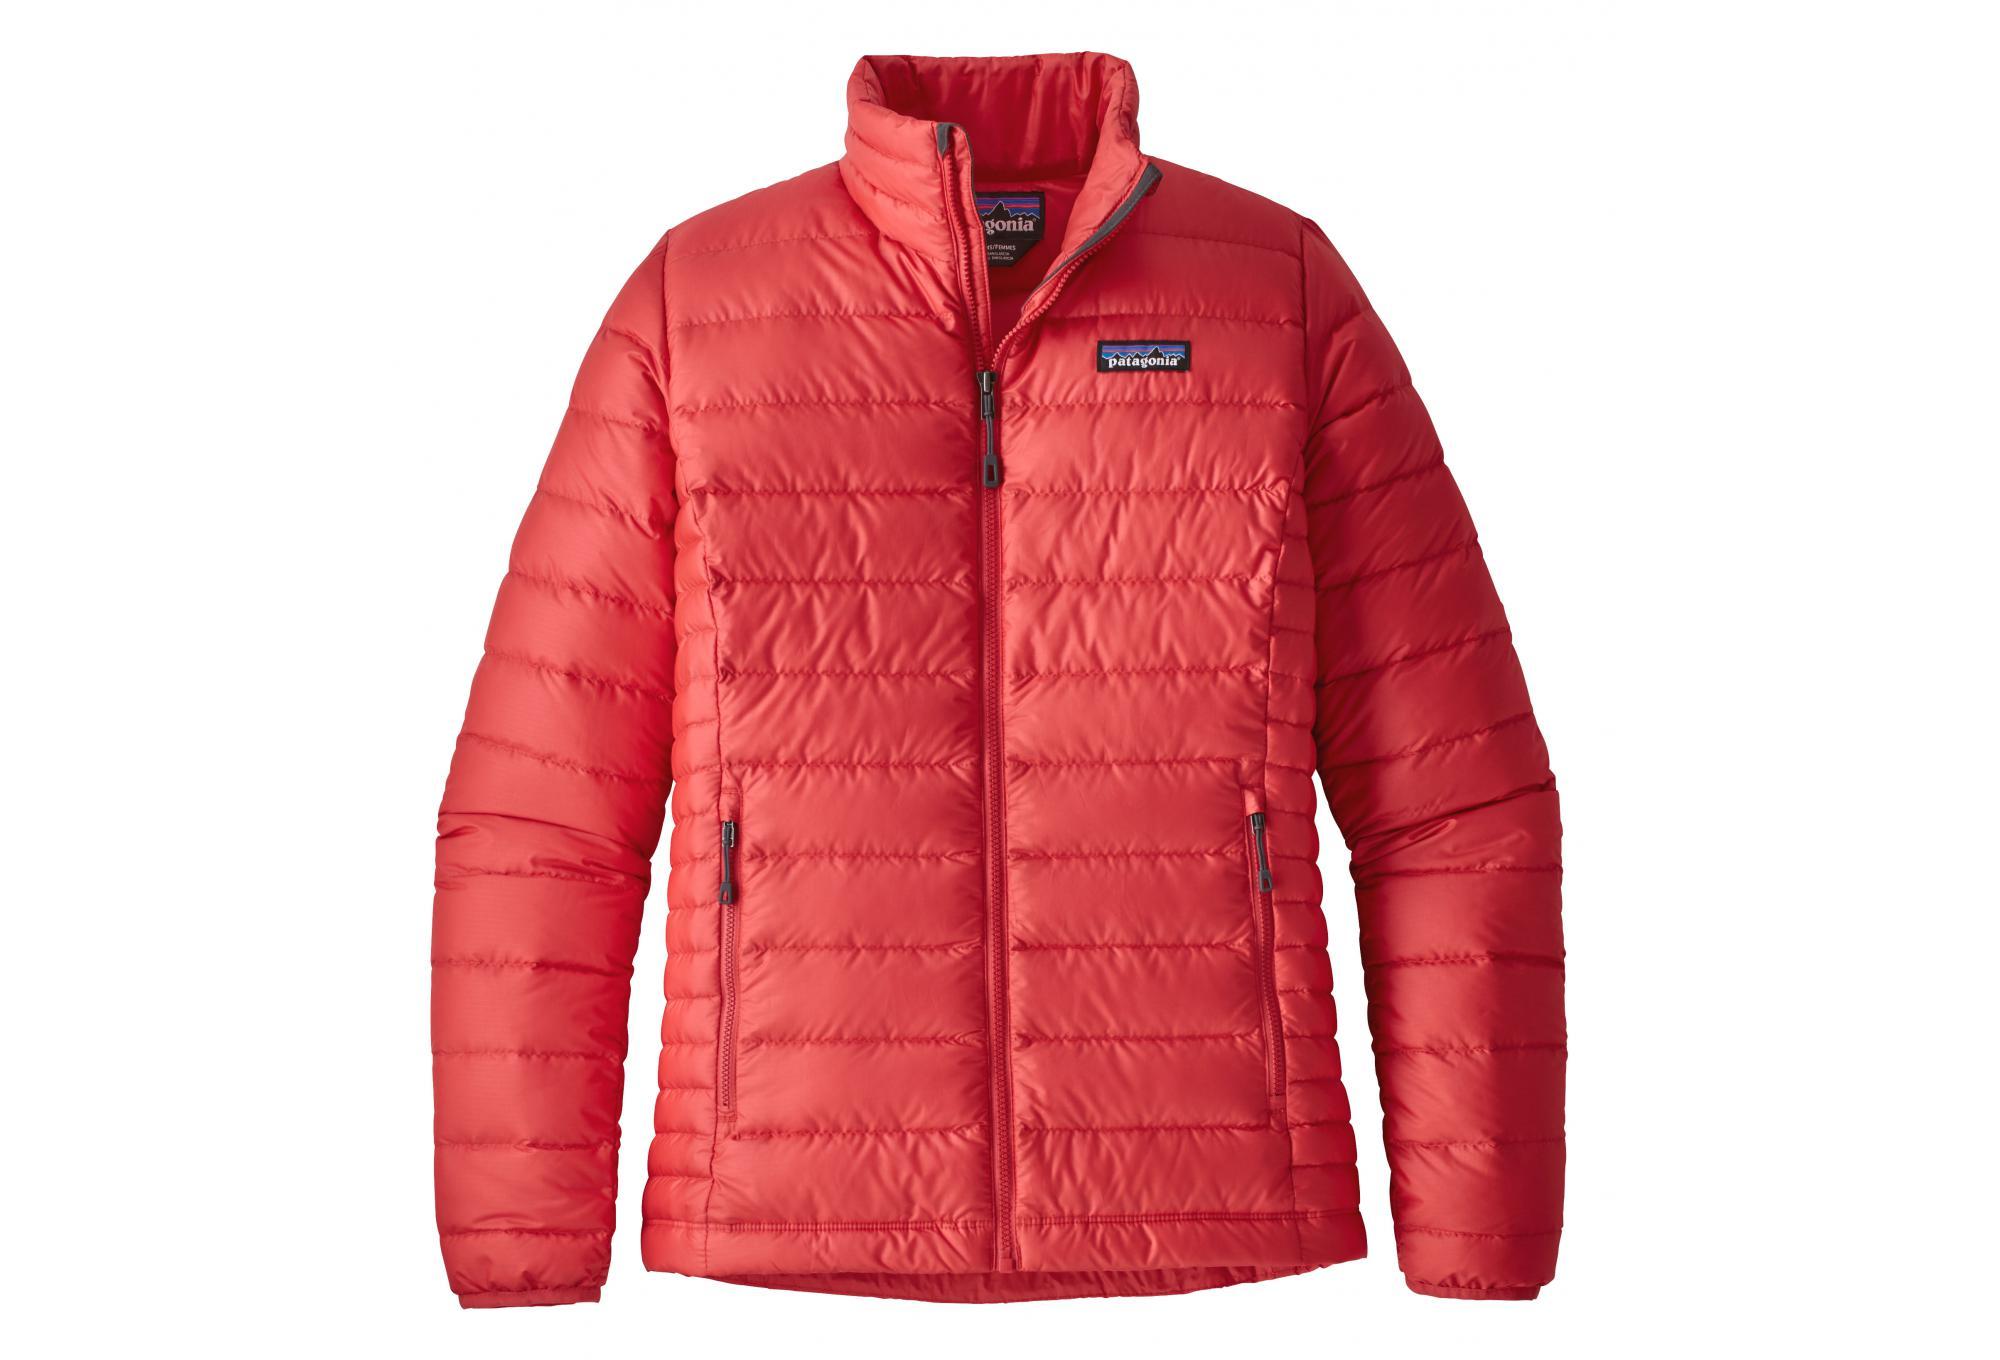 312f0e6e1e4 Doudoune Femme Patagonia Sweater Rouge